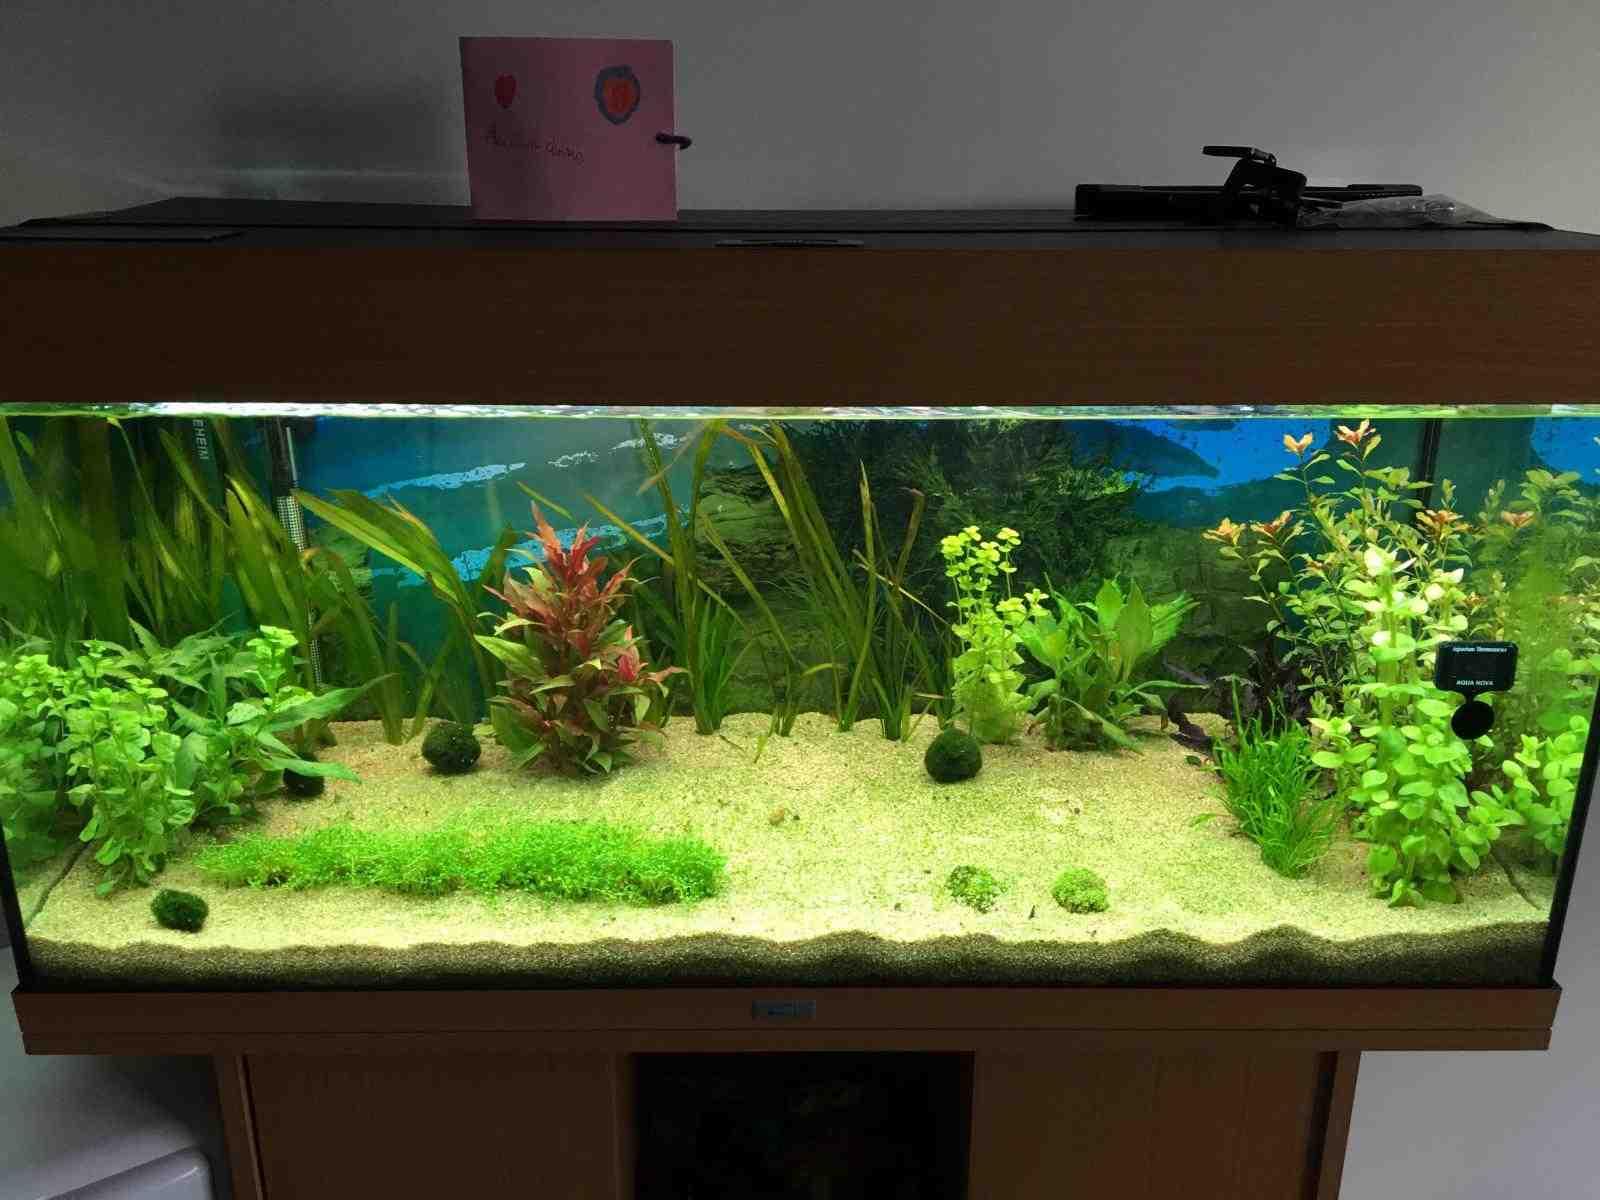 Quel type de sol pour la plante d'aquarium?